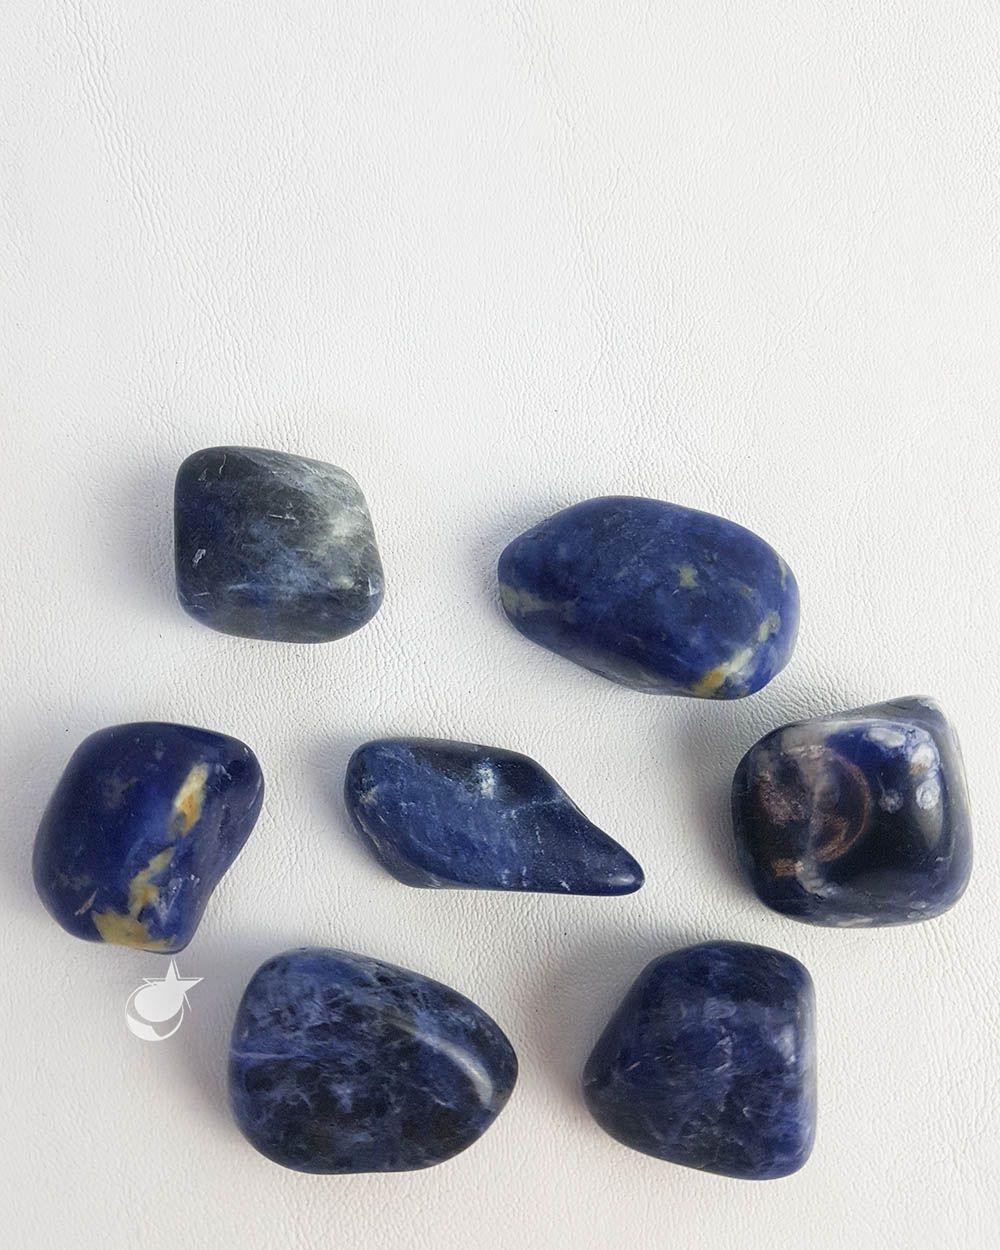 SODALITA ROLADA -  PACOTE COM 100g (7 a 9 pedras)